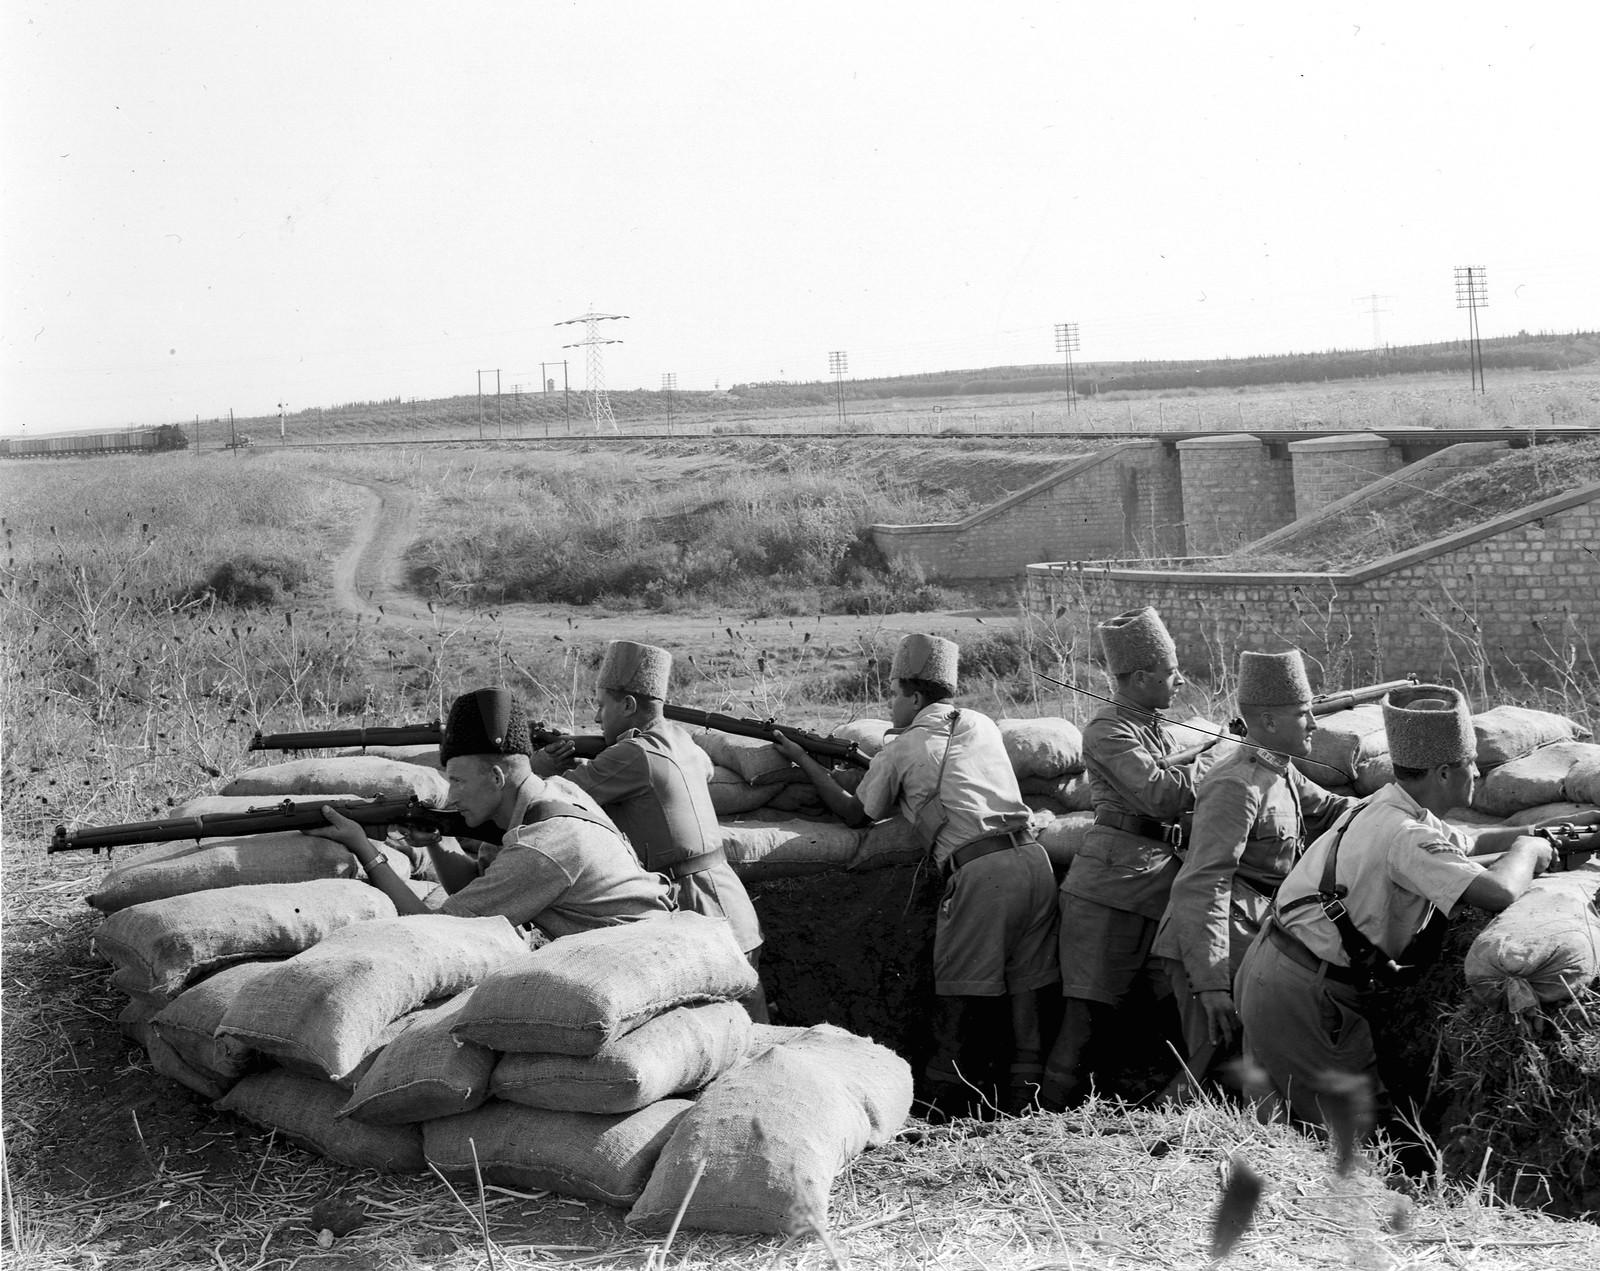 03. 1938. Члены Еврейской поселенческой полиции охраняют участок железной дороги возле Хадеры.  23 августа